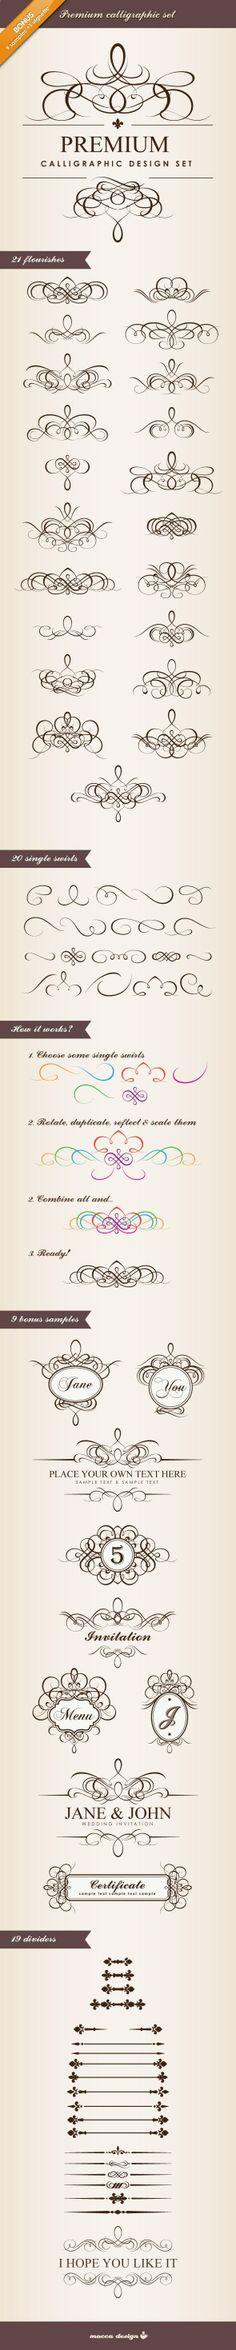 Premium Calligraphic Design Set by Mocca Design.